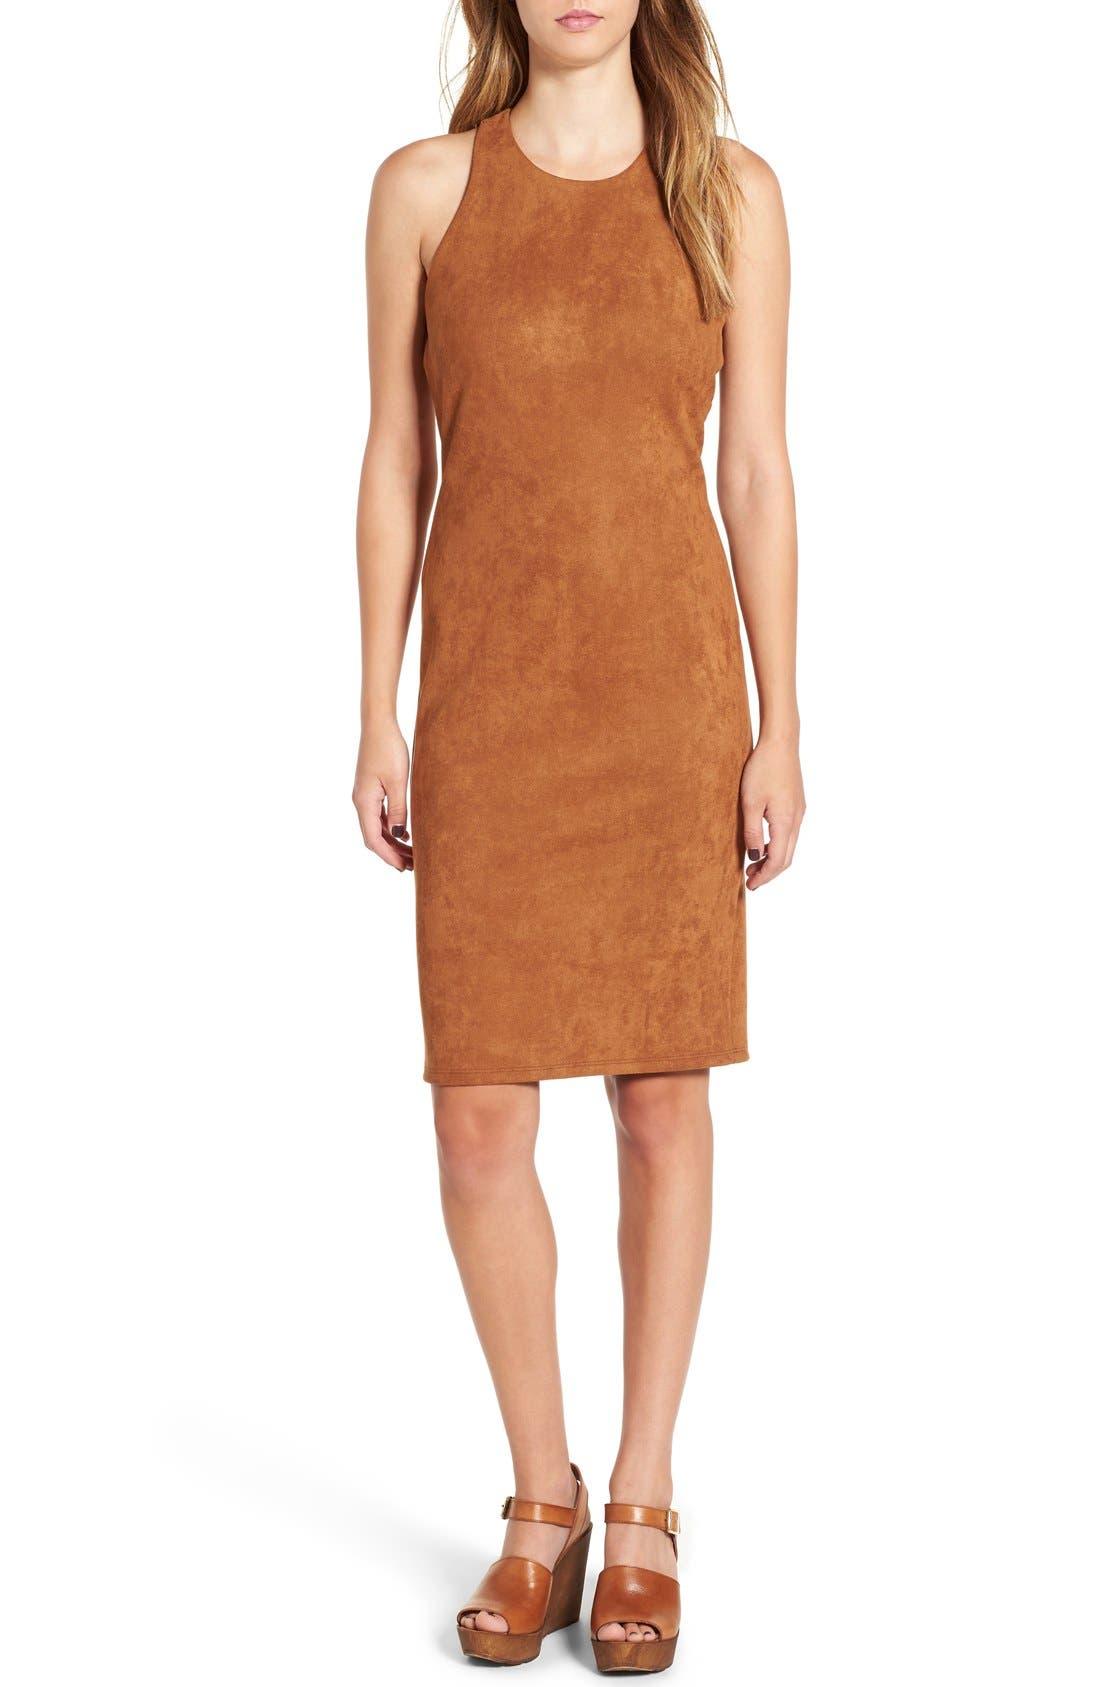 JUNE & HUDSON, Faux Suede Midi Dress, Main thumbnail 1, color, 200